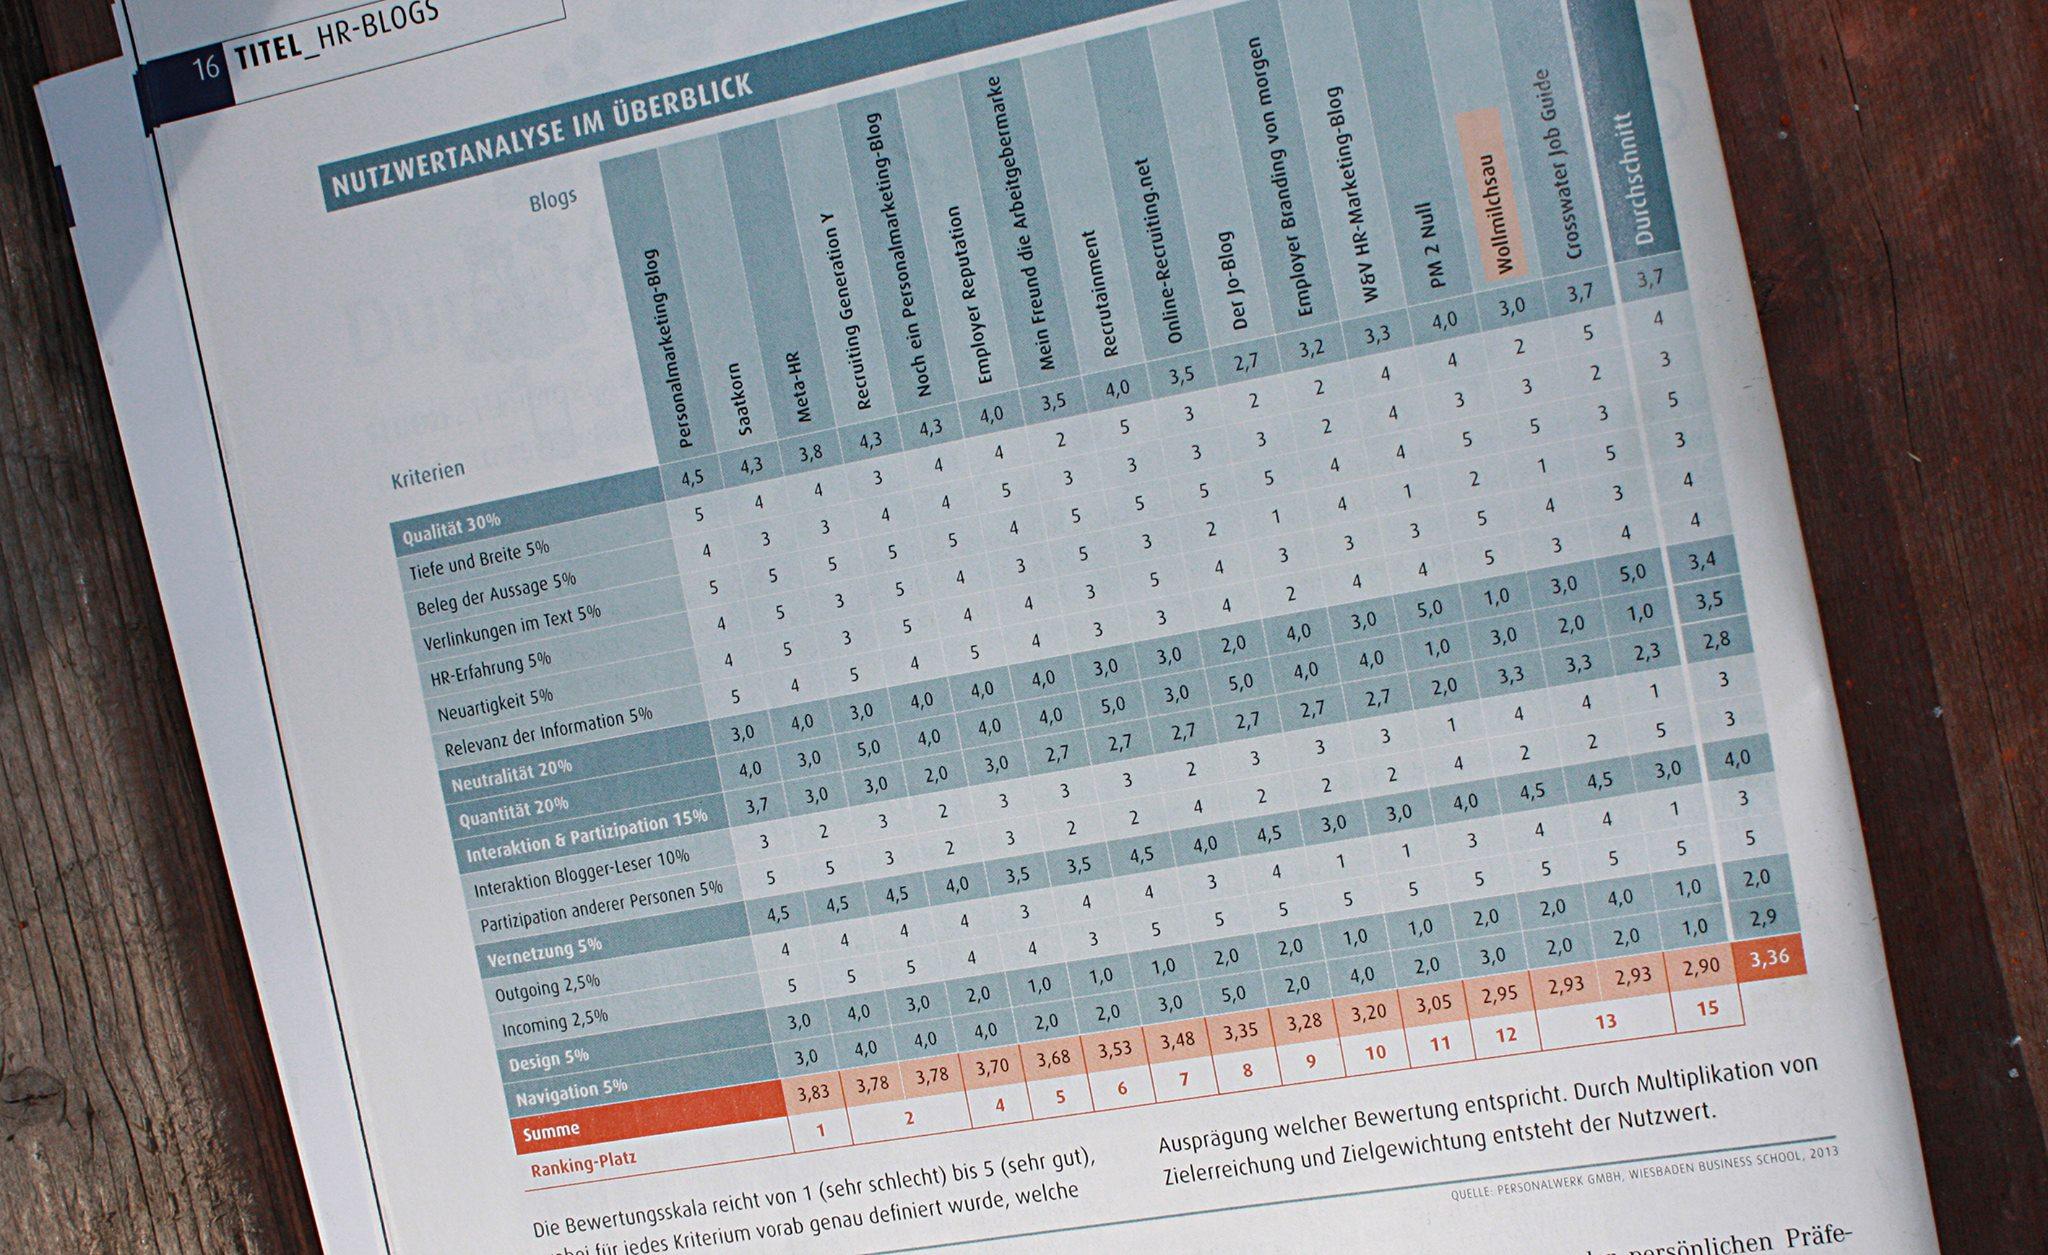 Der #Aufschrei – HR-Blogs-Ranking von Nicht-Experten für Experten